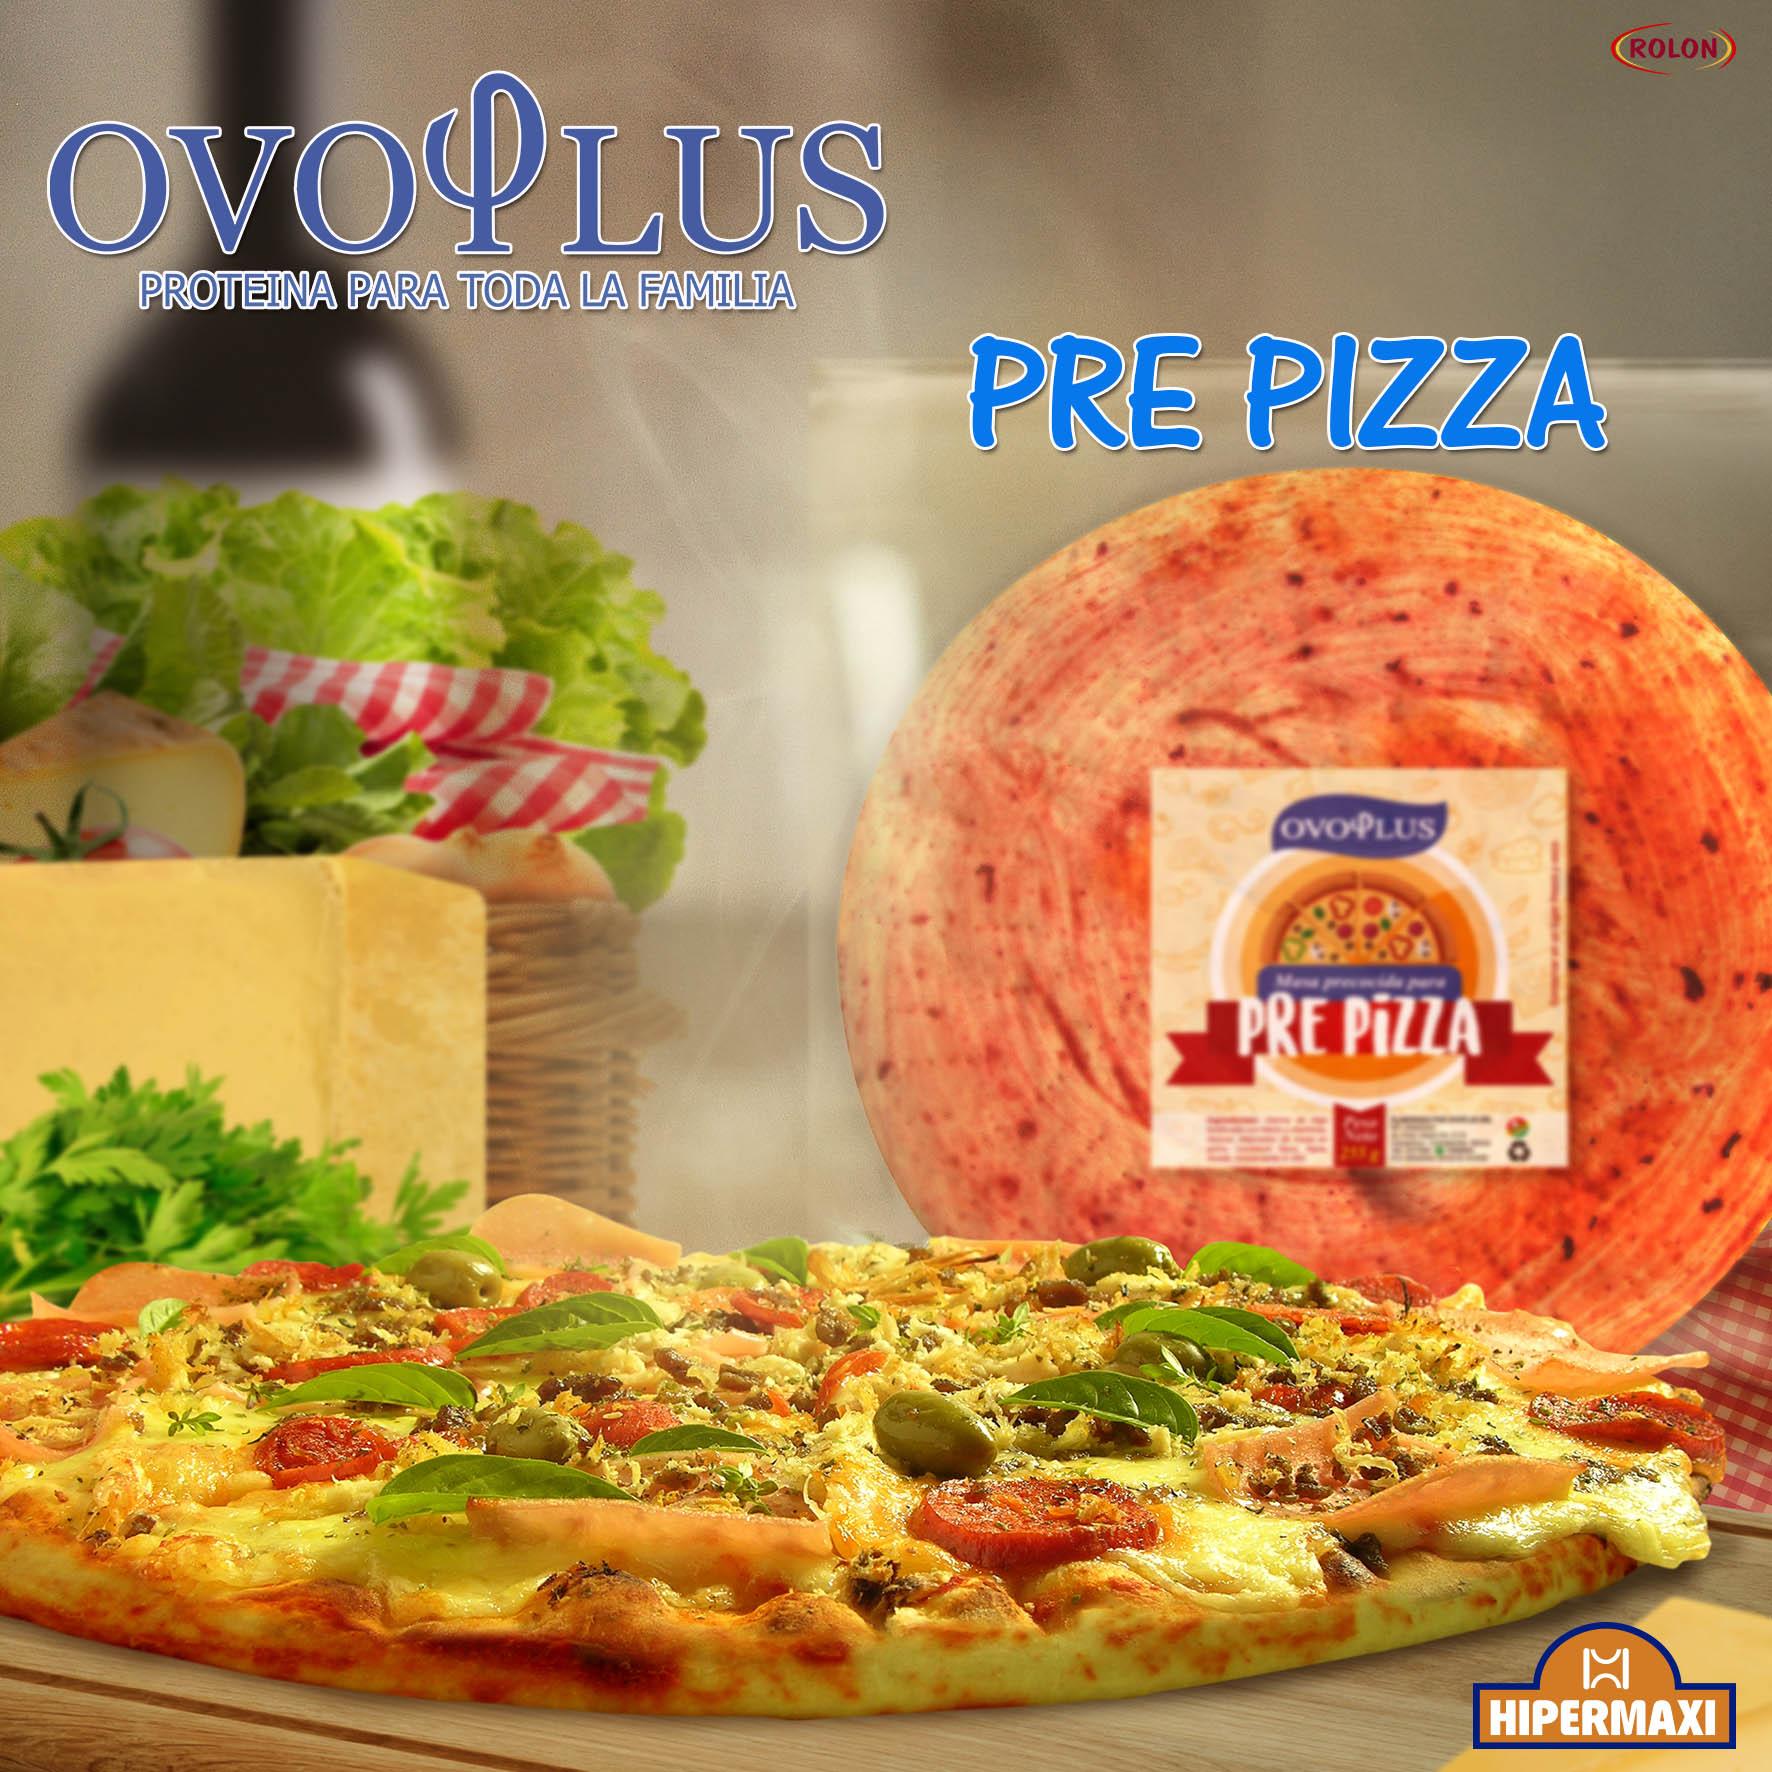 Arte Ovoplus Pre Pizza2 Chico